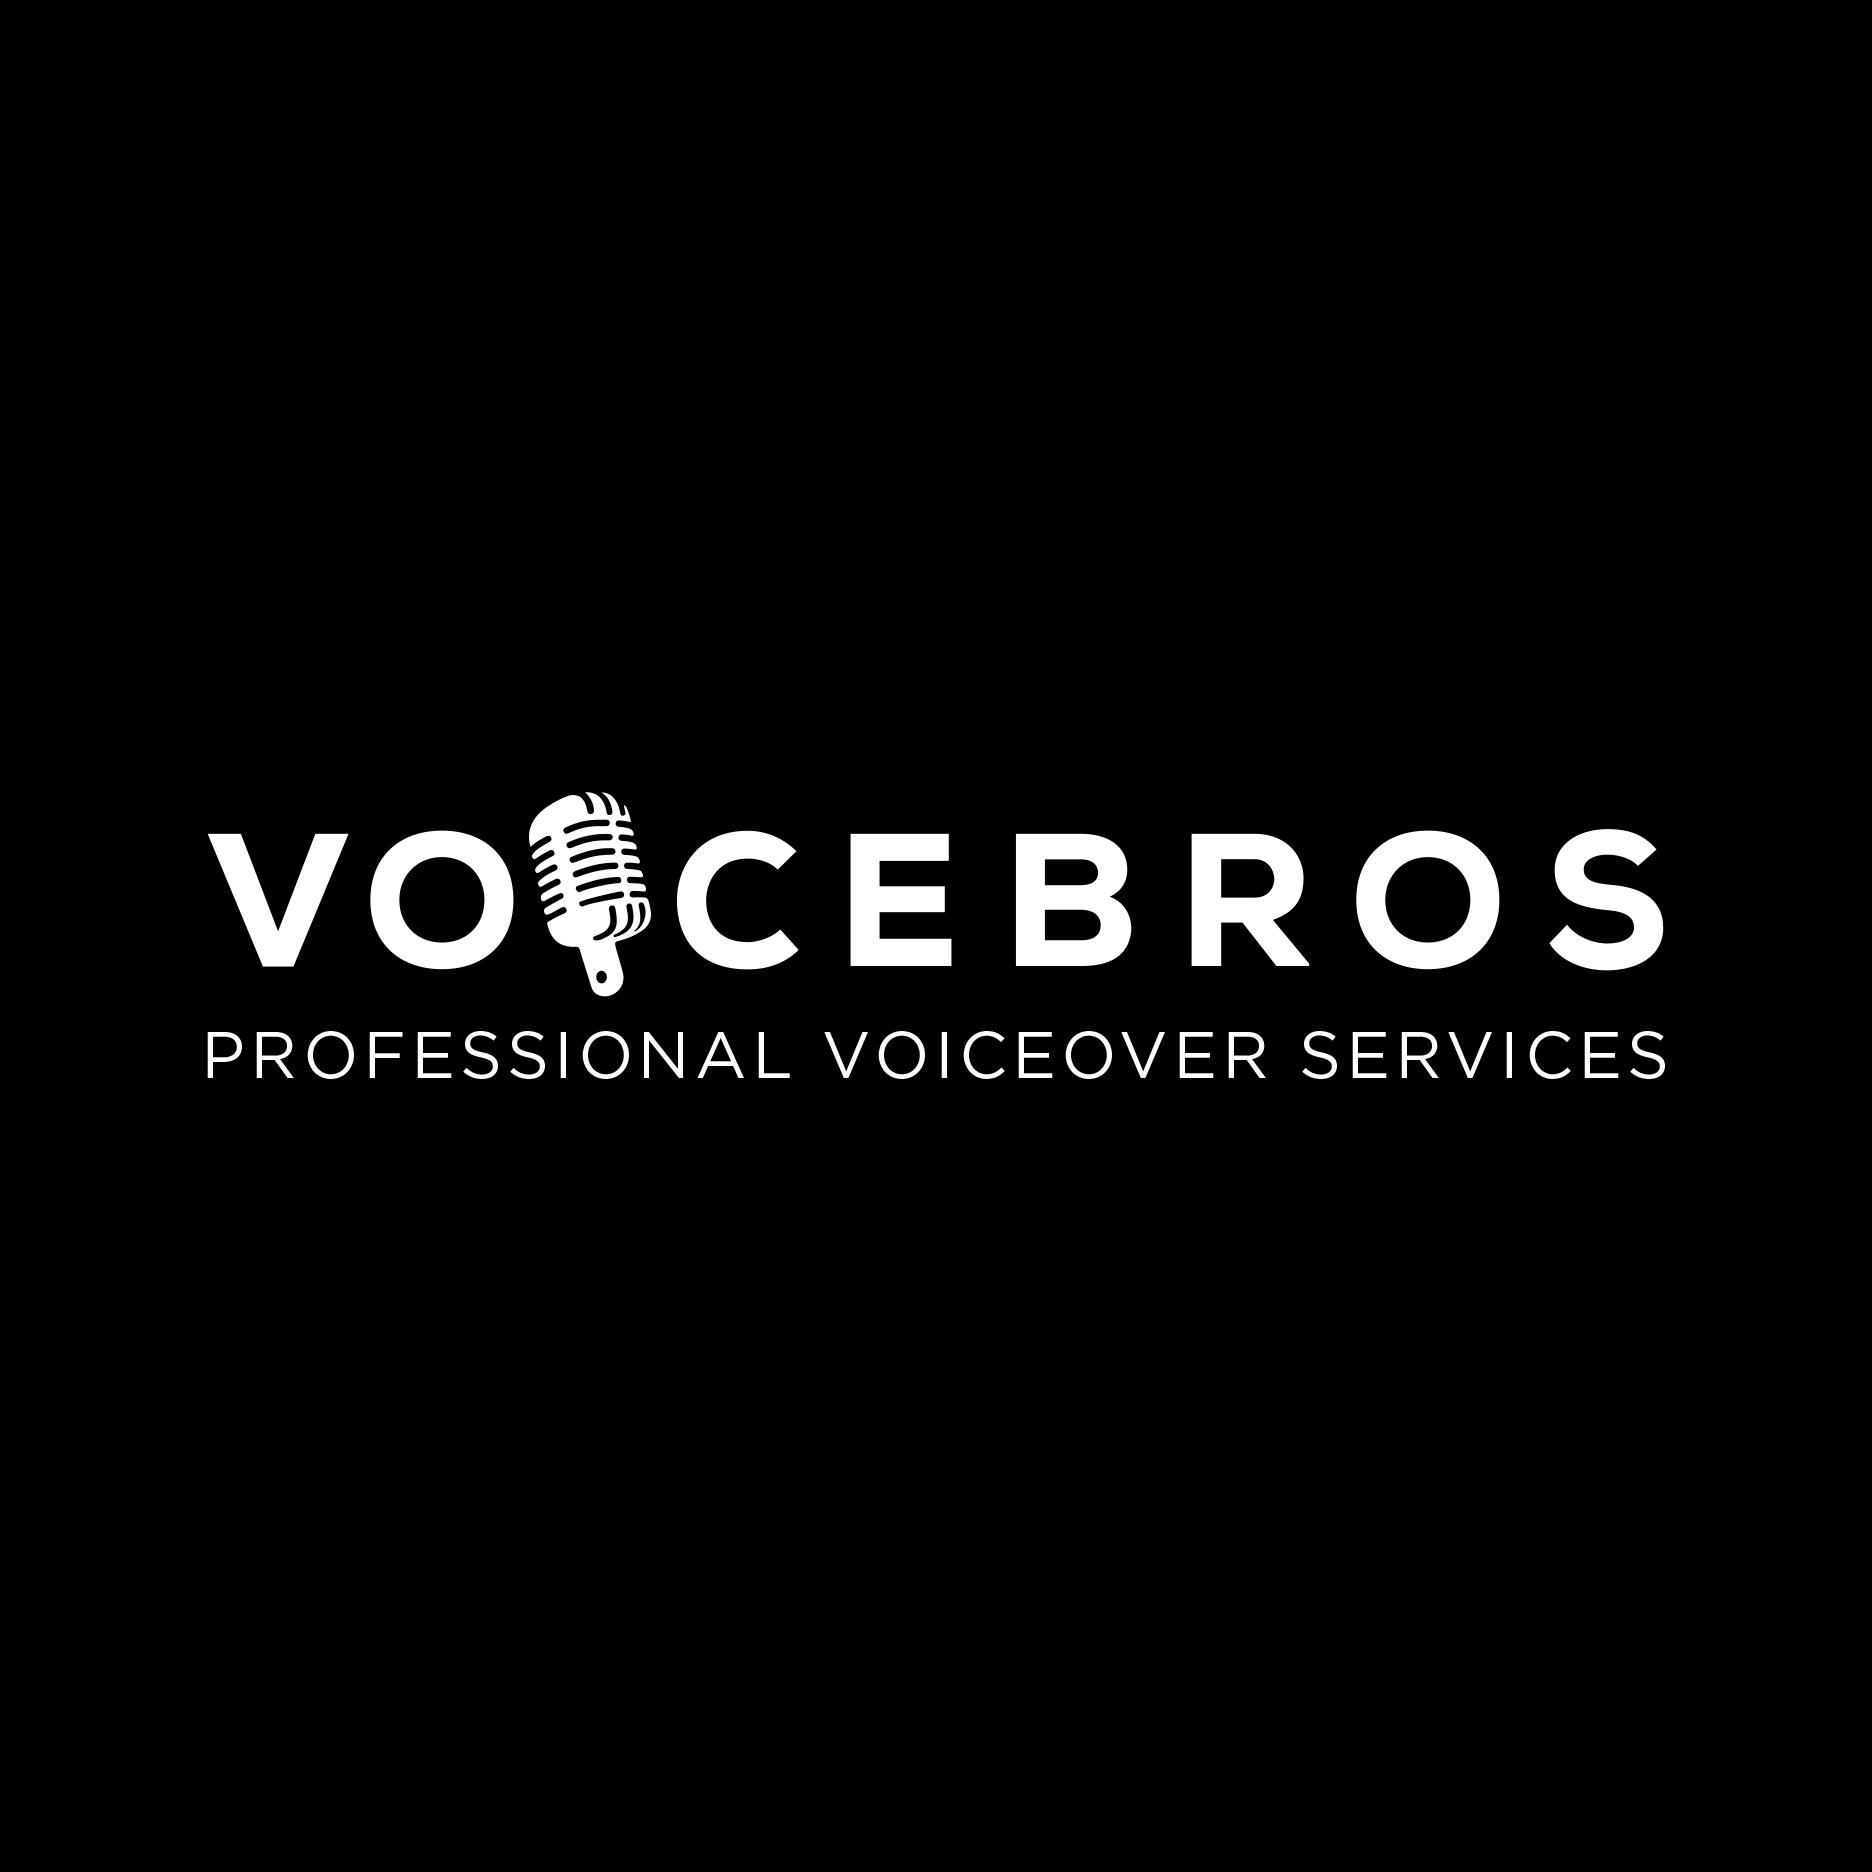 Eduardo Correia is a voice over actor